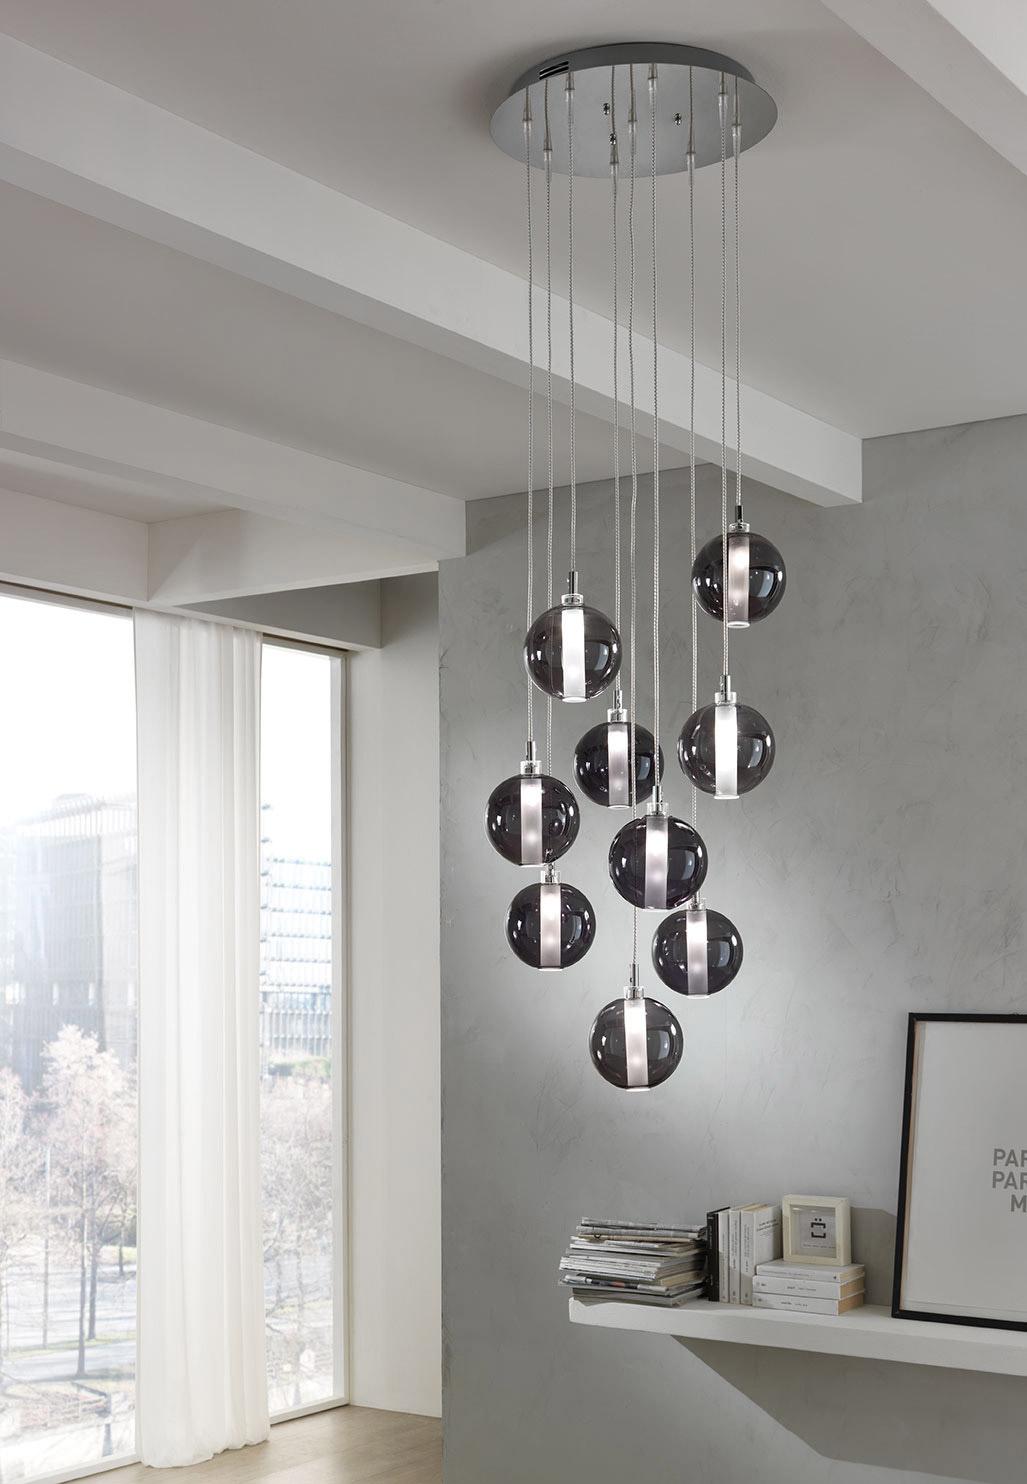 Il Migliore Eclisse Lampada Foto Di Lampada Design